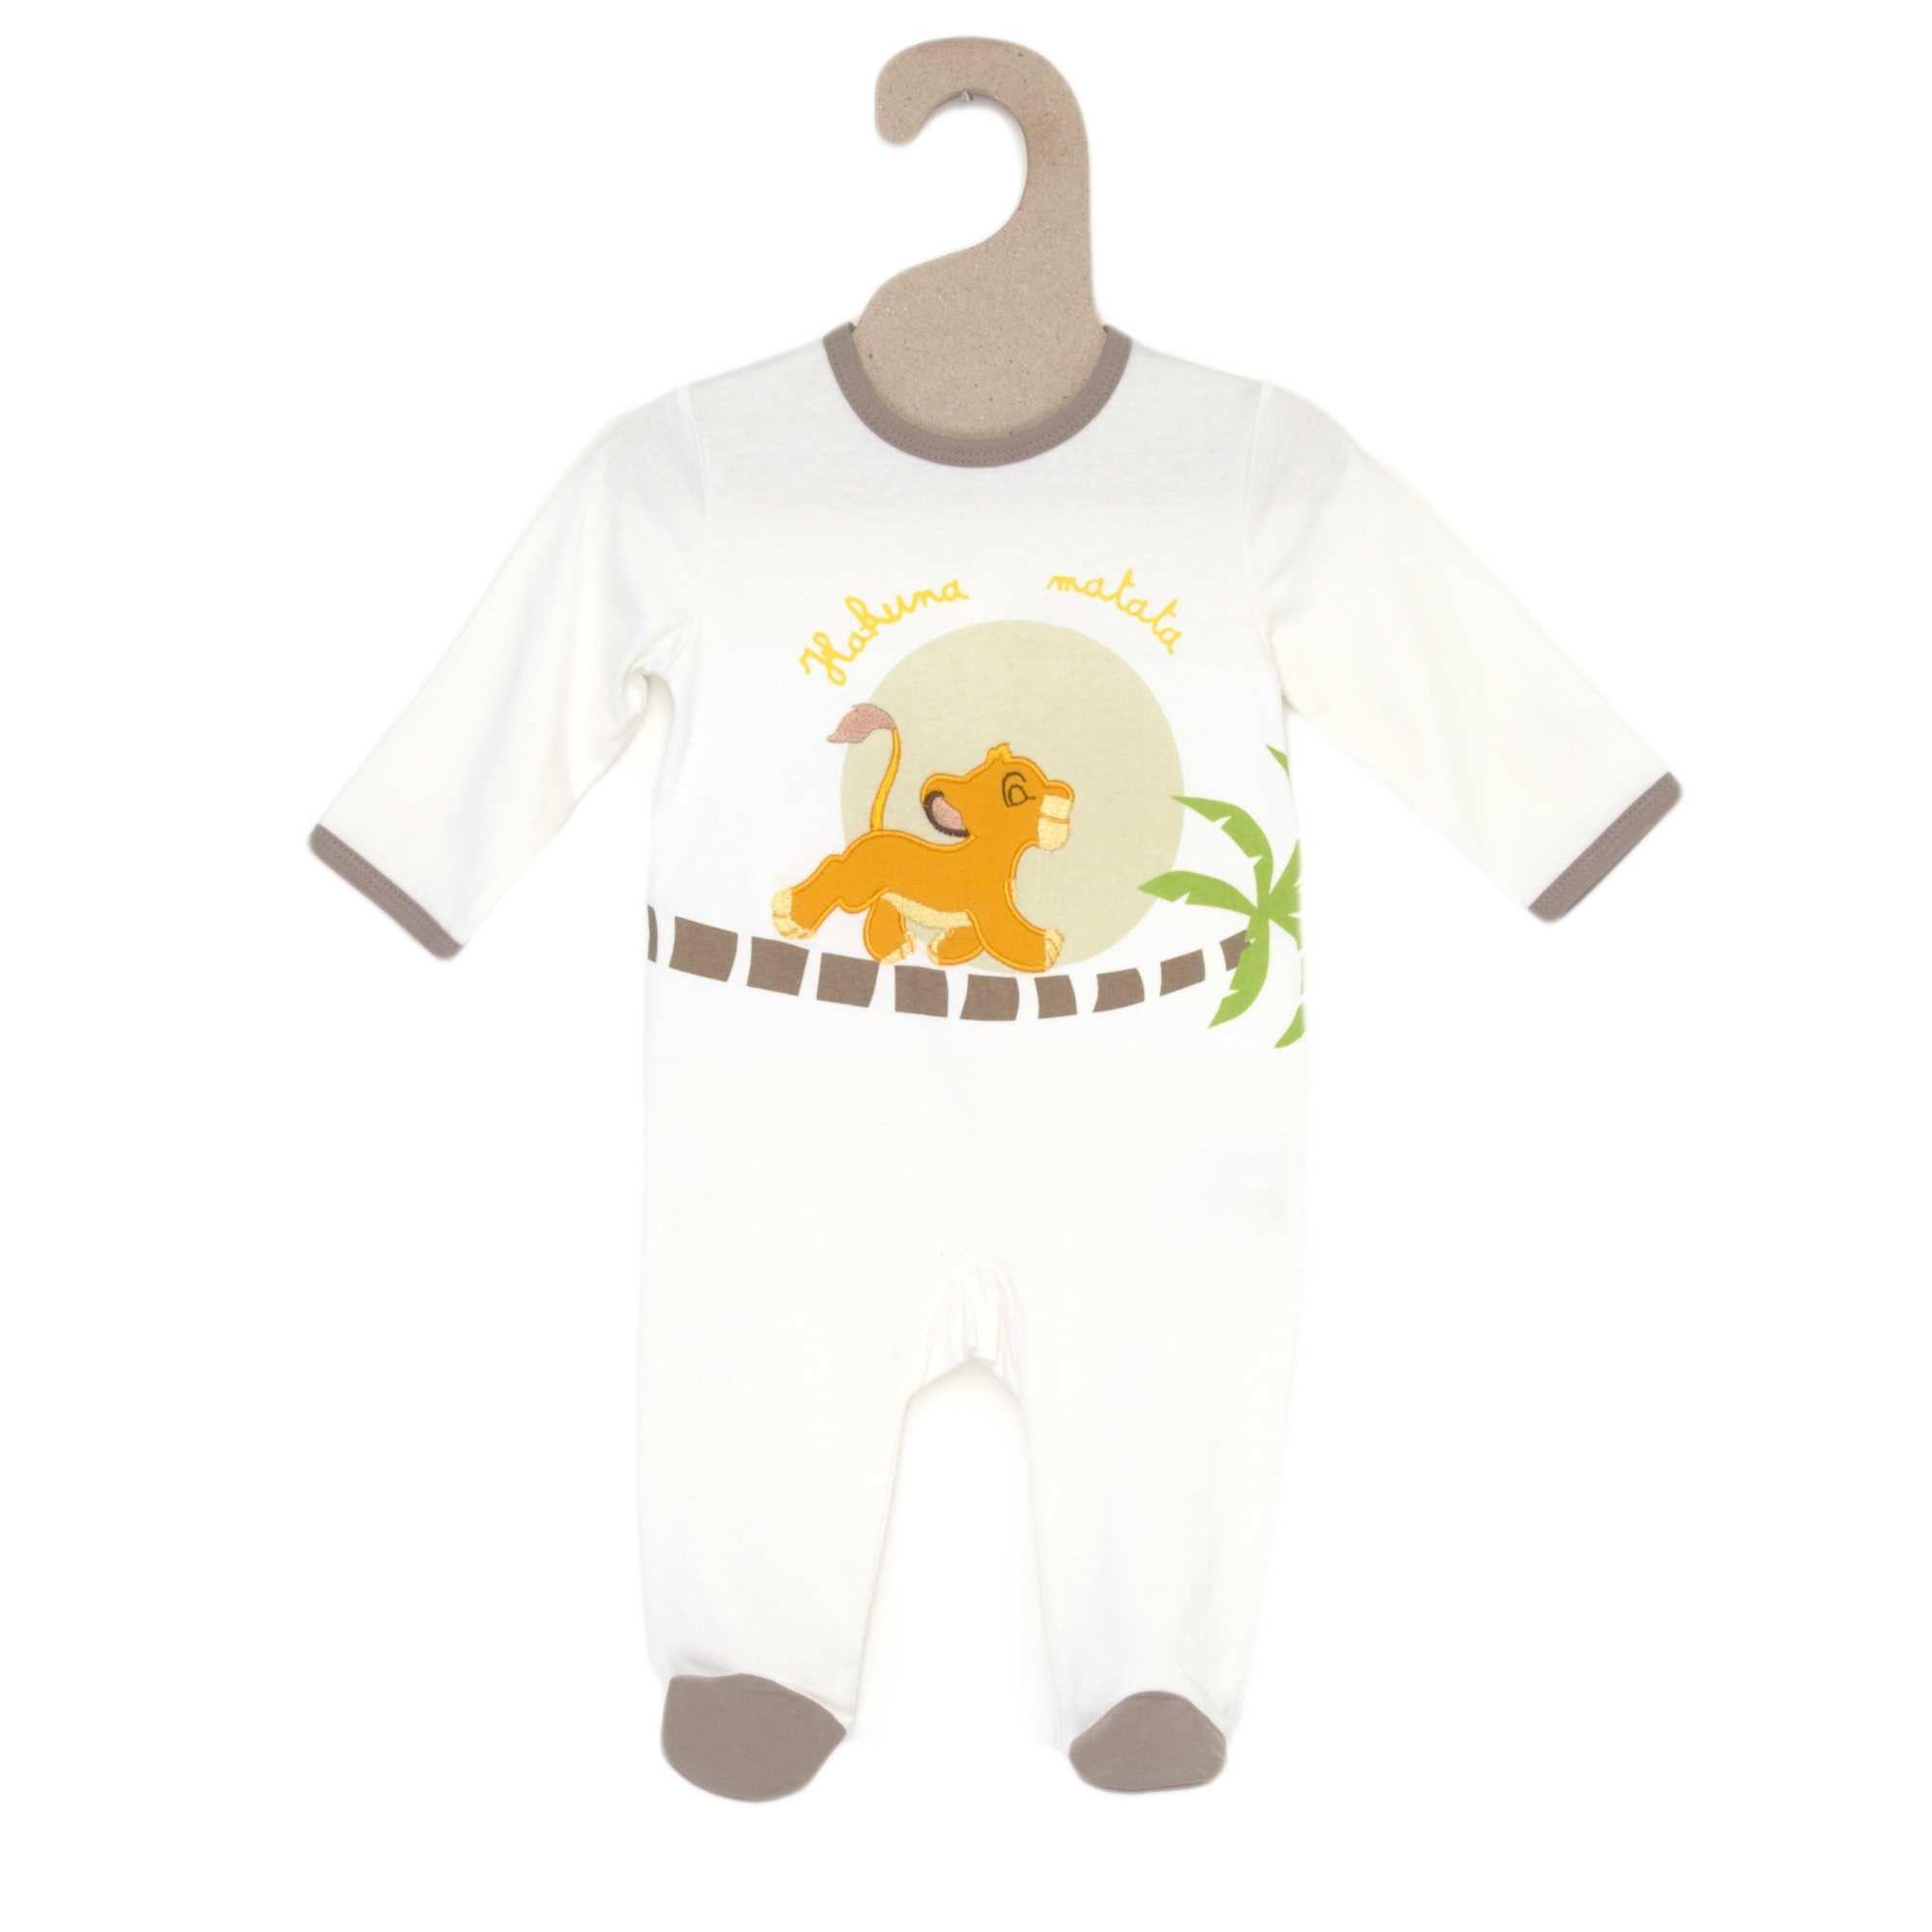 8093fe74c1c60 Pyjama léger  Disney  blanc neige roi lion Bébé fille